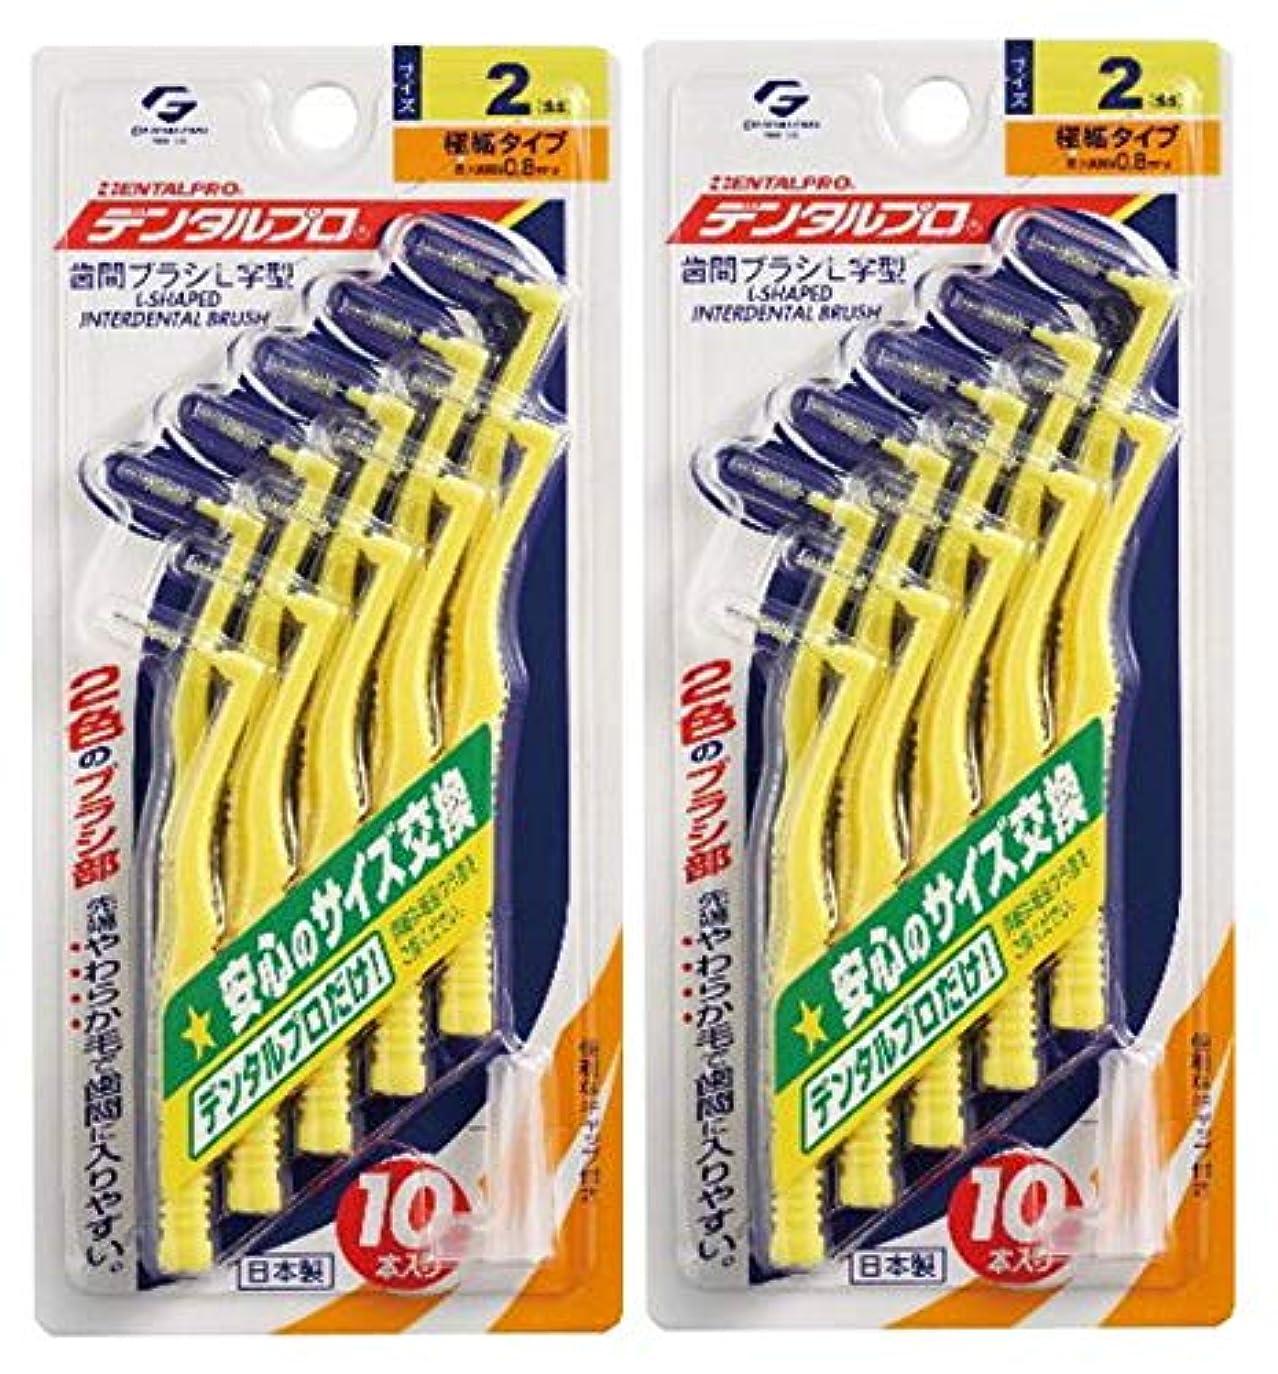 傀儡軽食グレーデンタルプロ 歯間ブラシ L字型 10本入 サイズ 2 (SS) × 2個セット